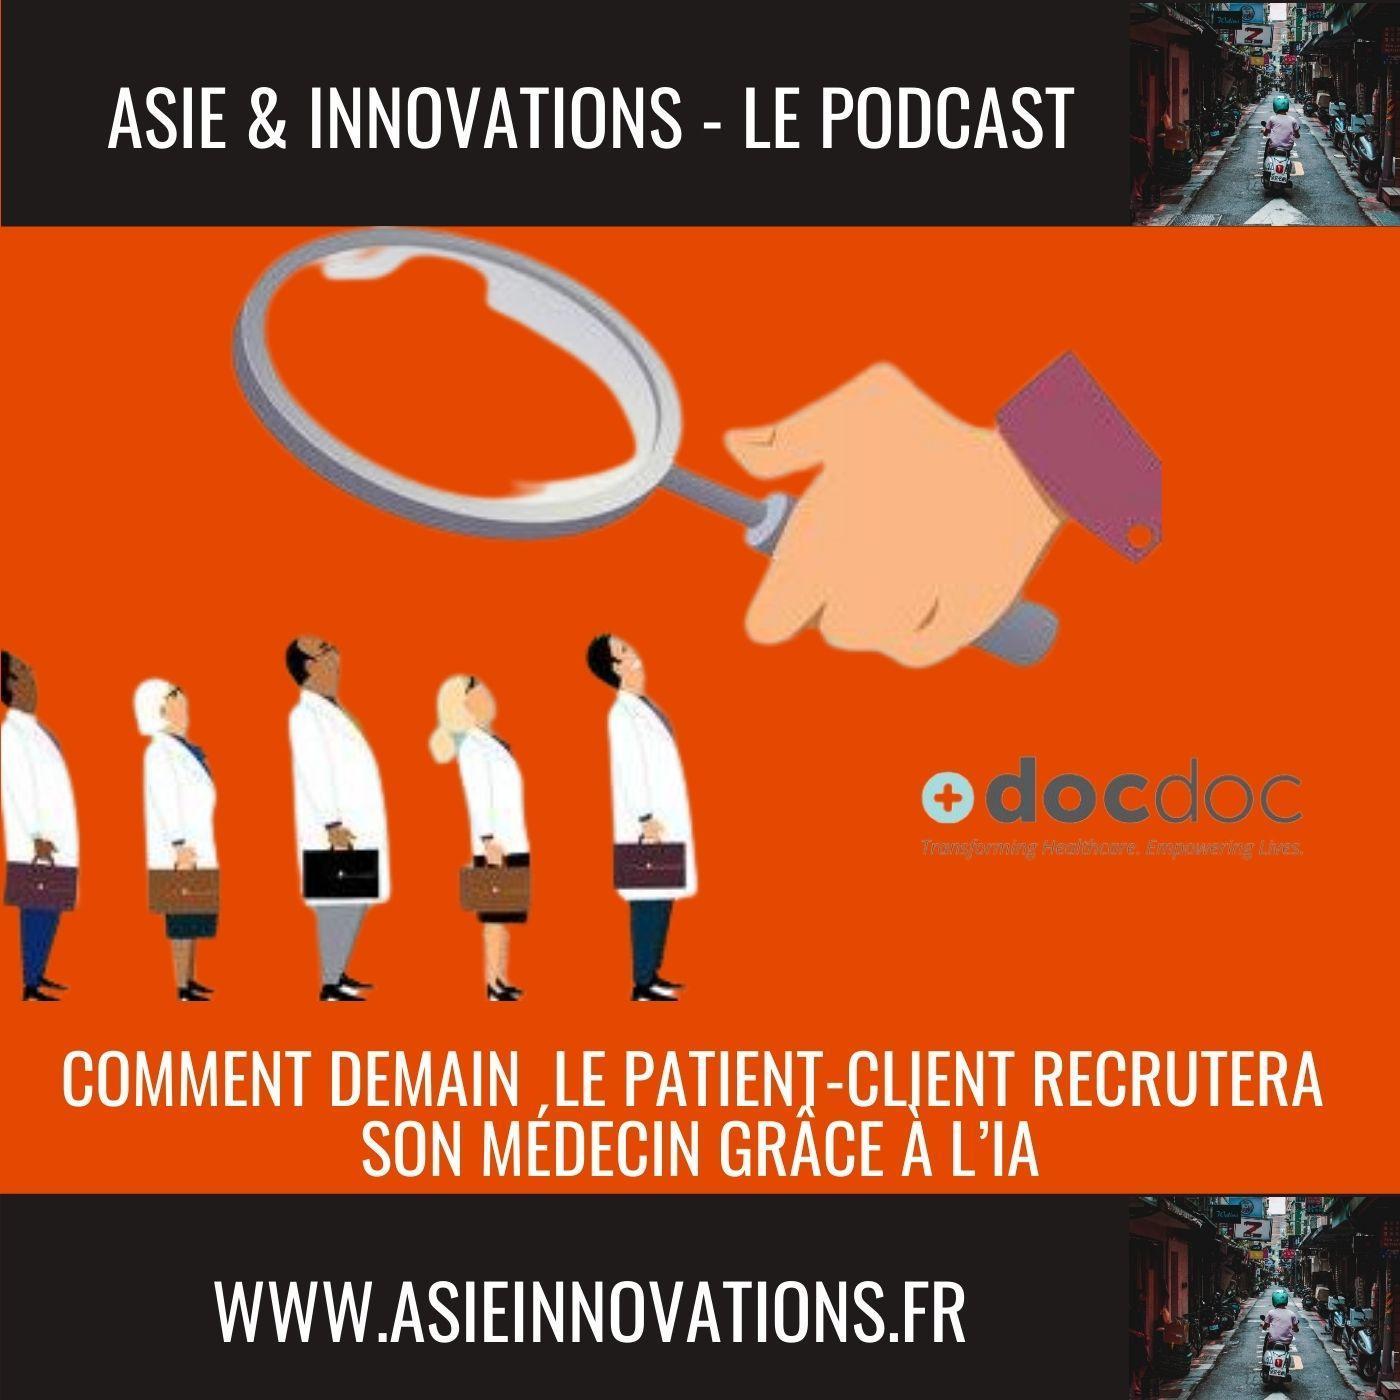 Comment demain le patient -client recrutera son médecin grâce à une IA